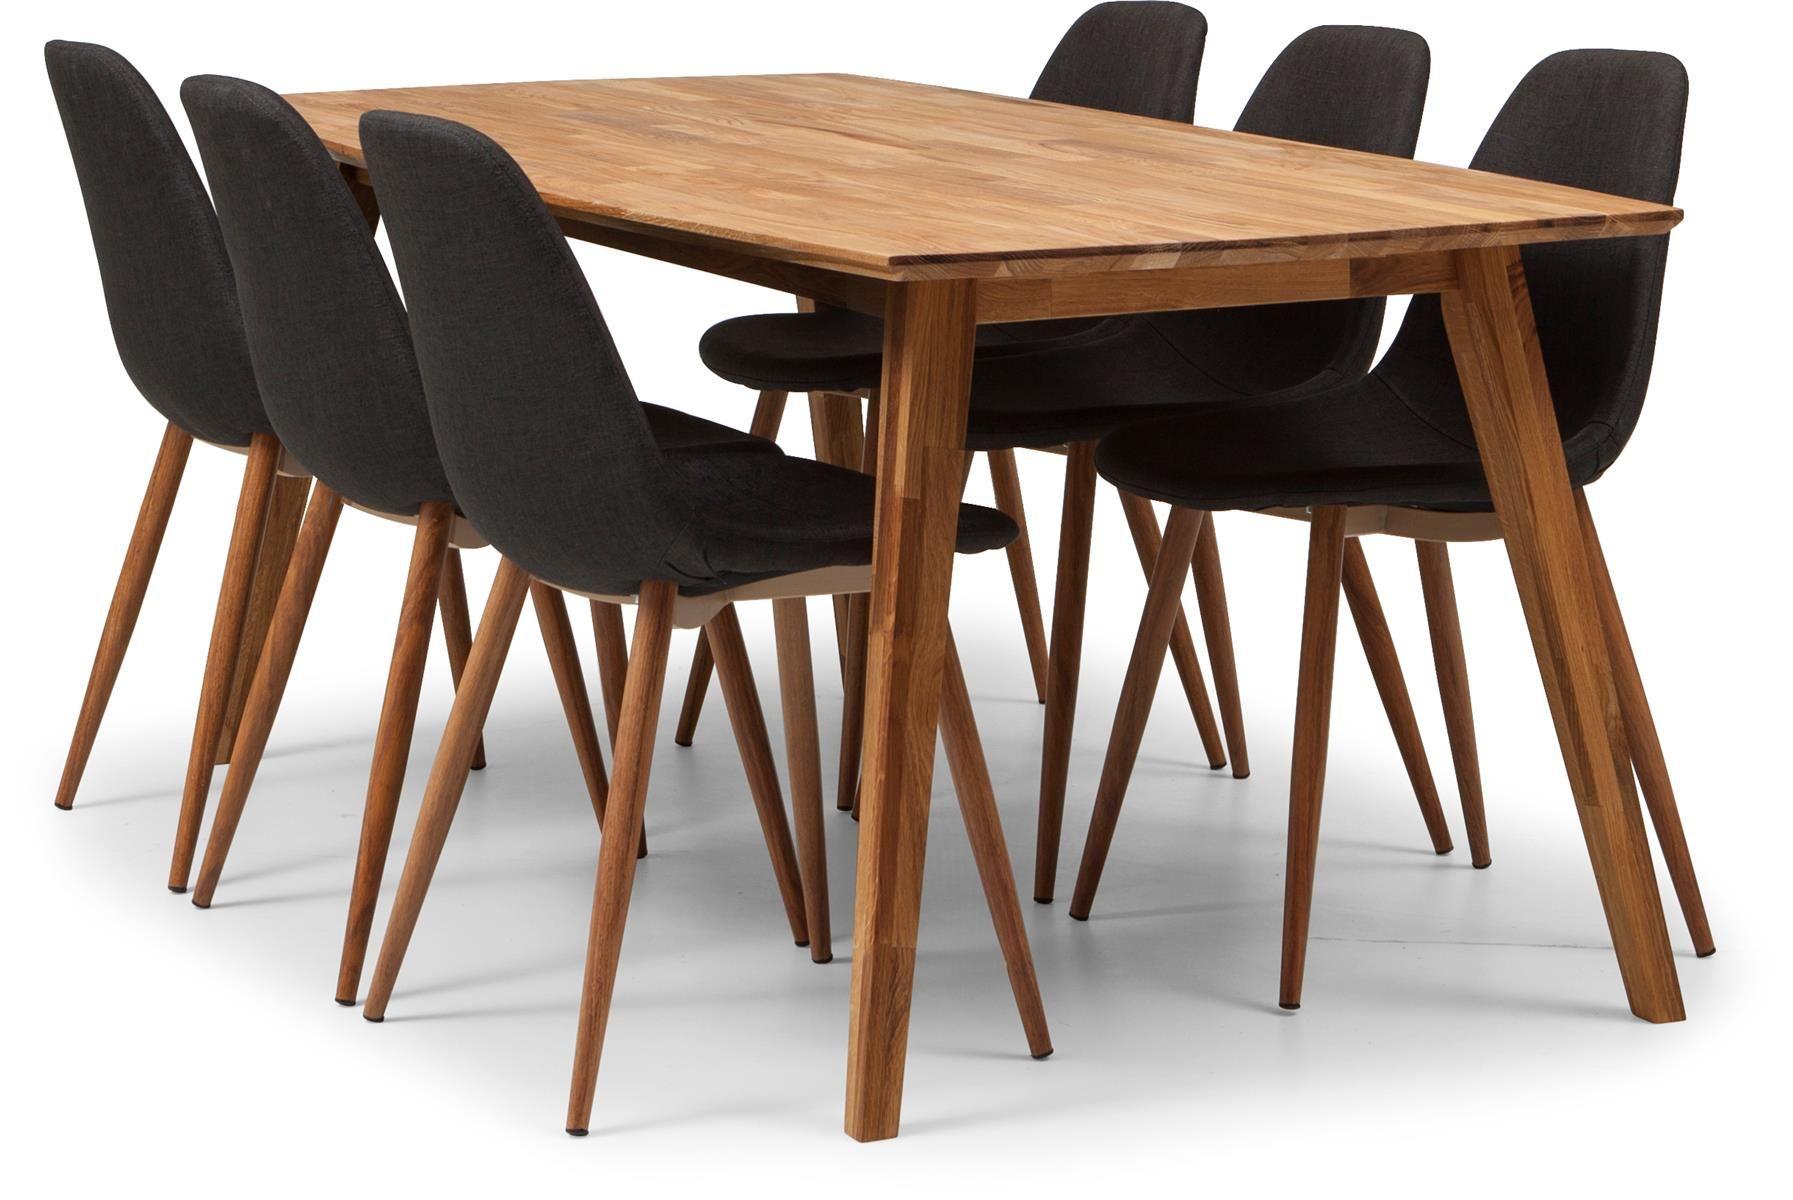 Enjoy matbord+6 stolar i oljad ek. Stol klädd i grått tyg